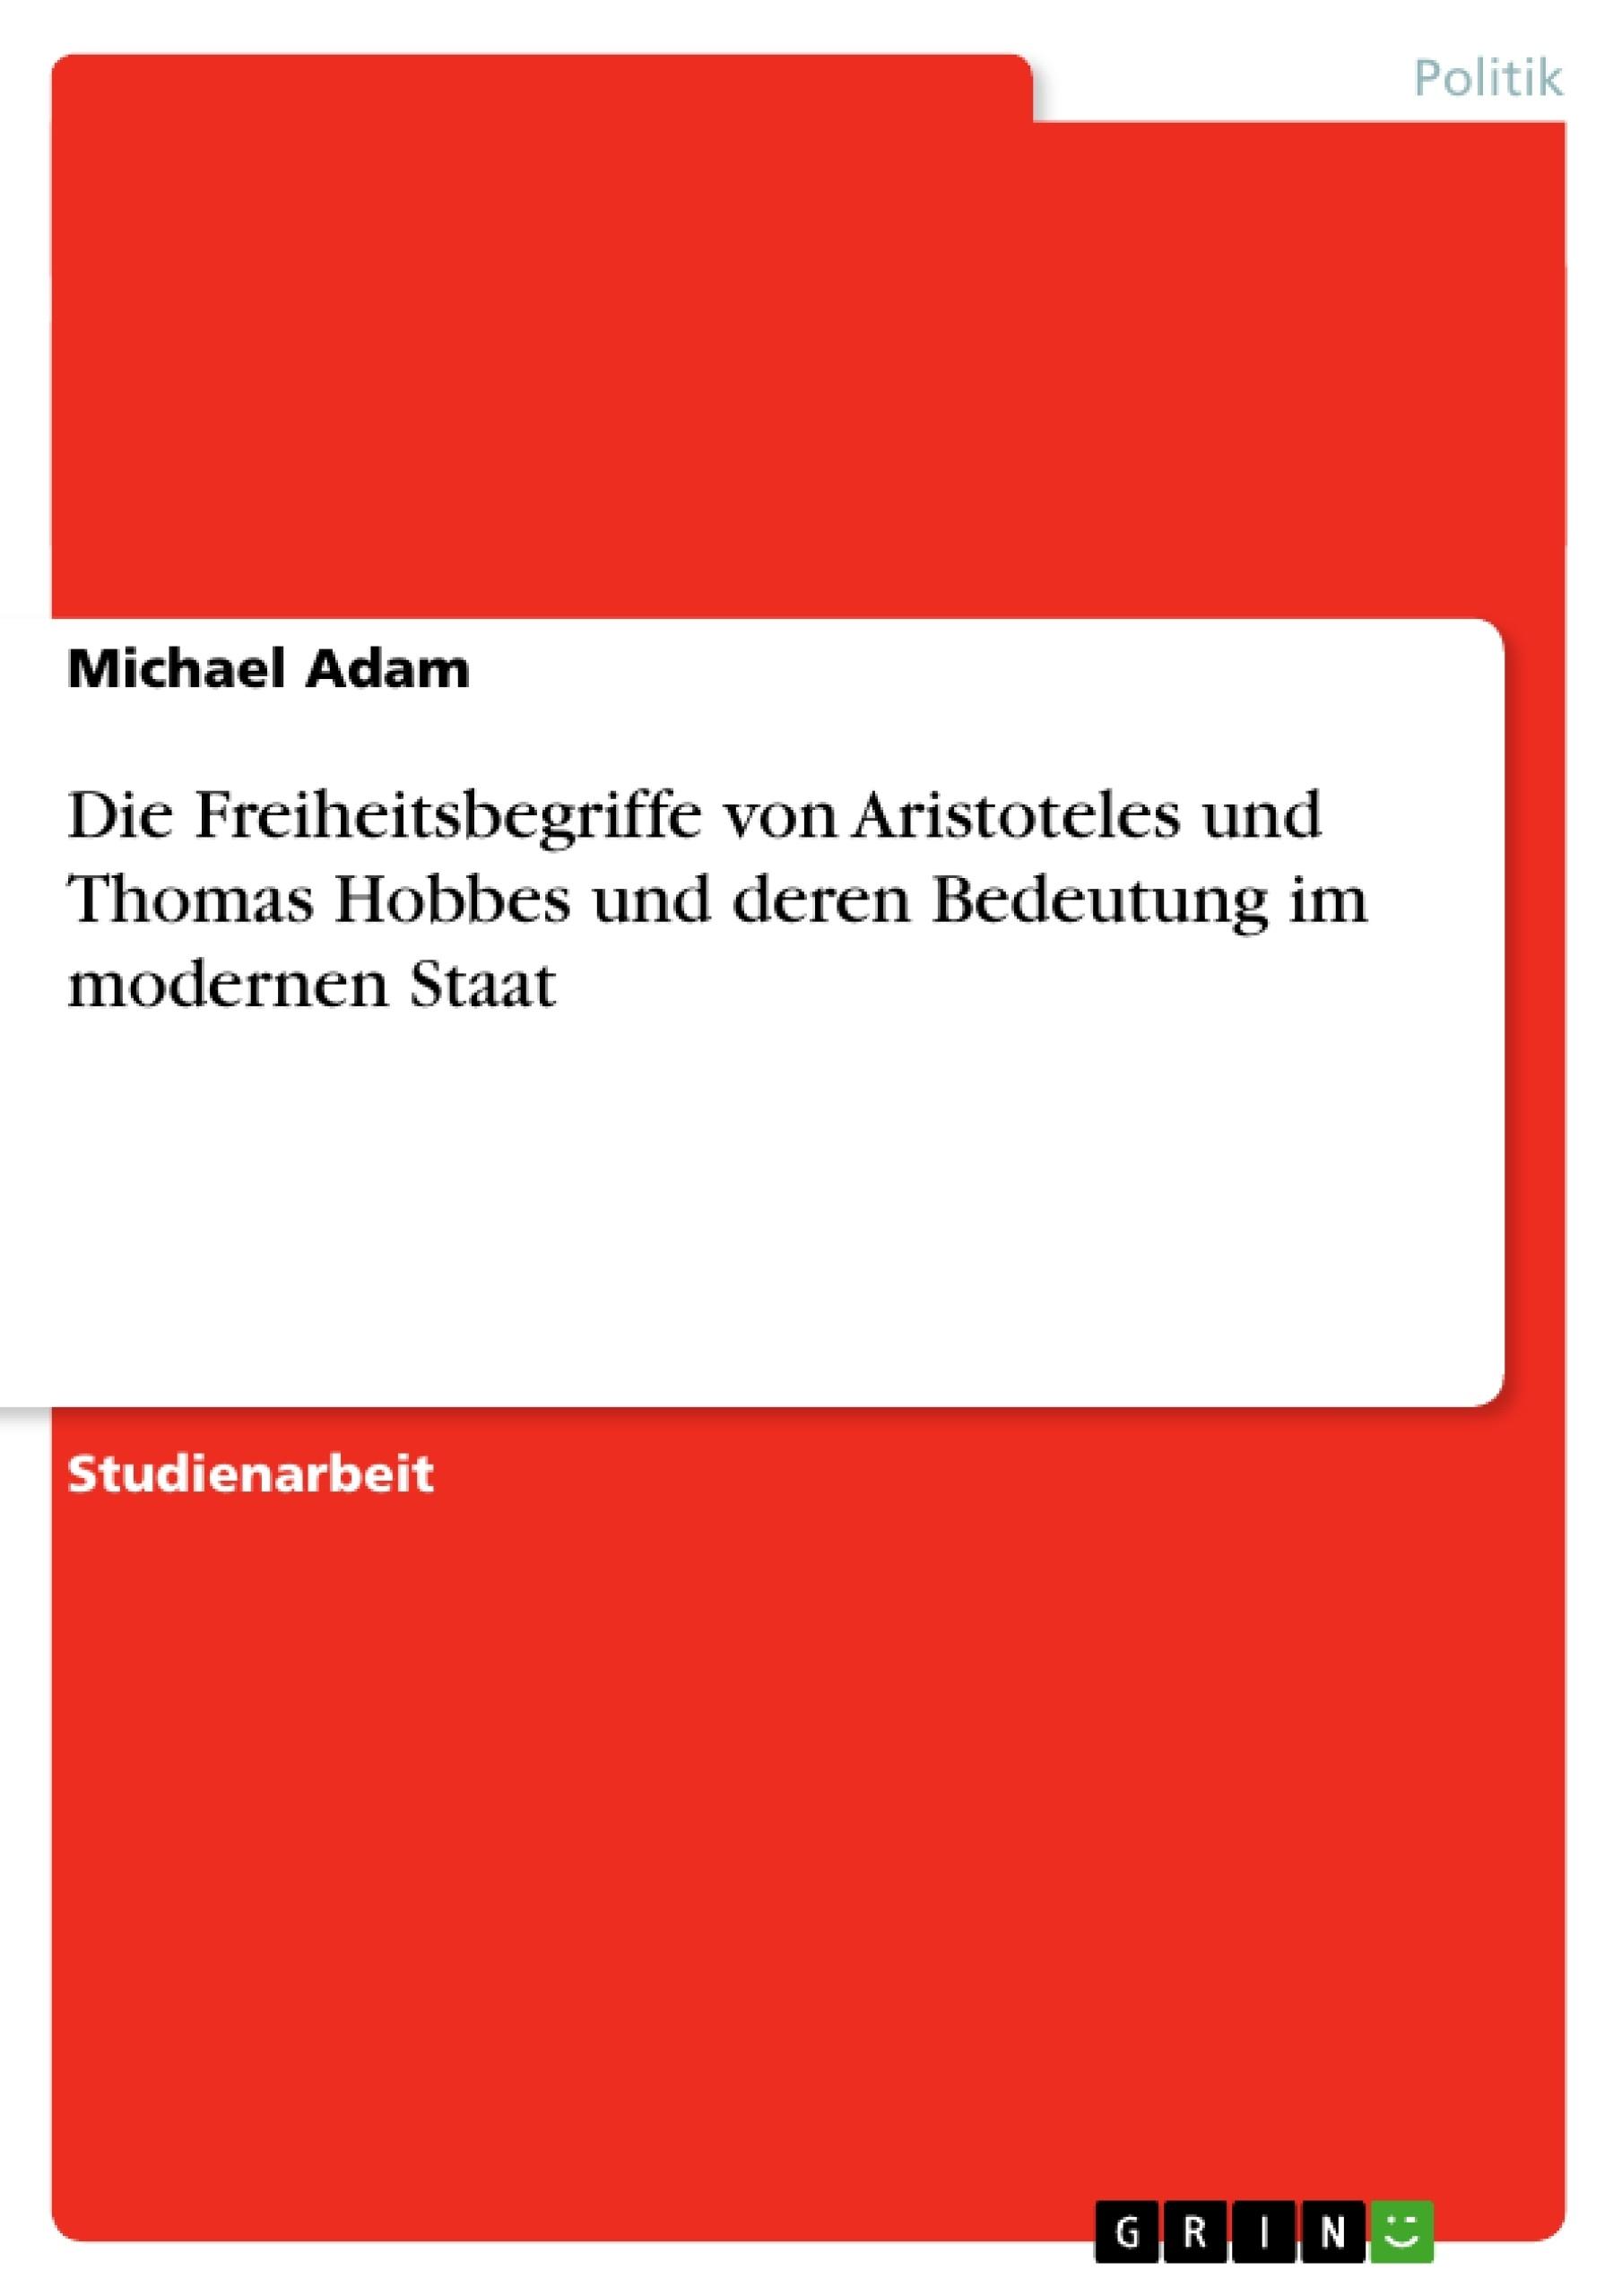 Titel: Die Freiheitsbegriffe von Aristoteles und Thomas Hobbes und deren Bedeutung im modernen Staat